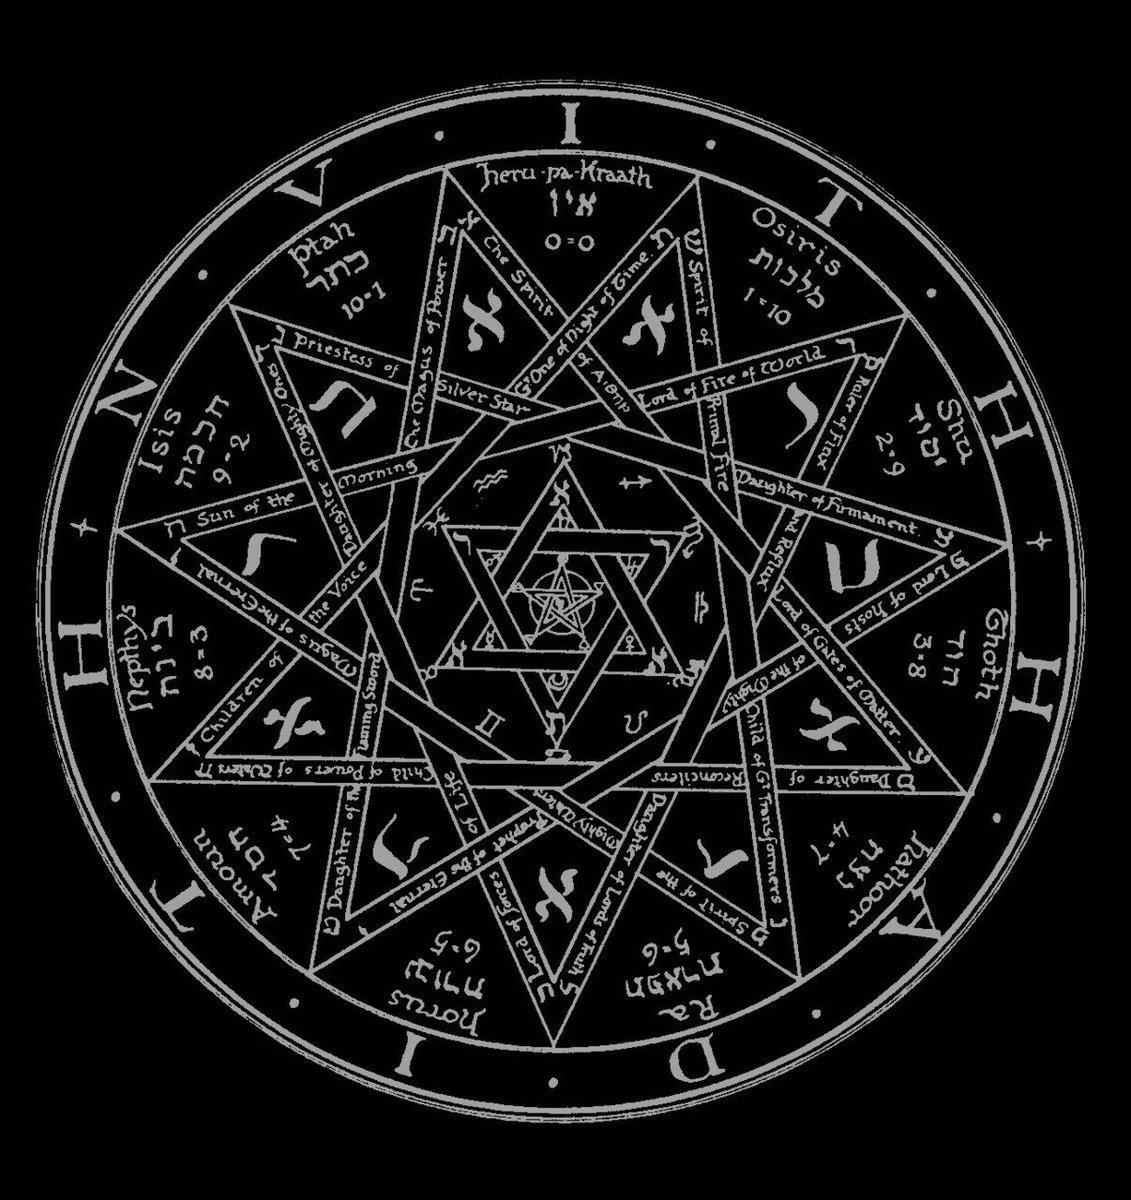 патрон, картинки красивые мистические знаки работаем